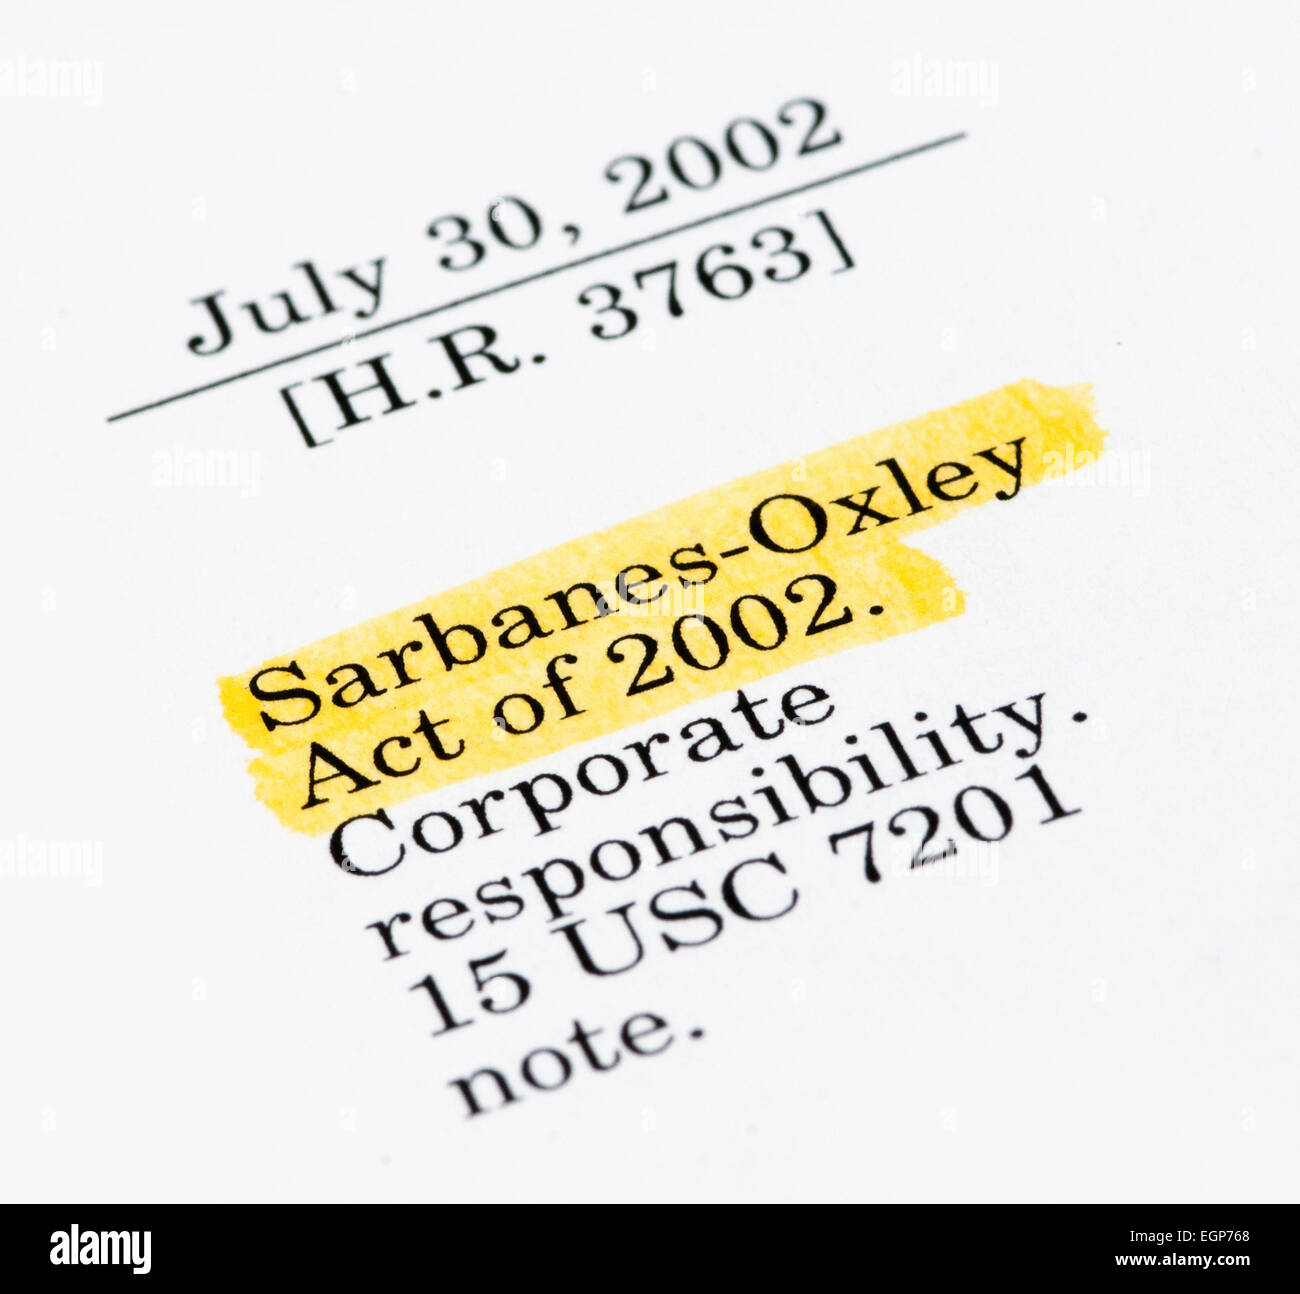 Sarbanes-Oxley Act von 2002, hervorgehoben in der Urkunde Stockfoto